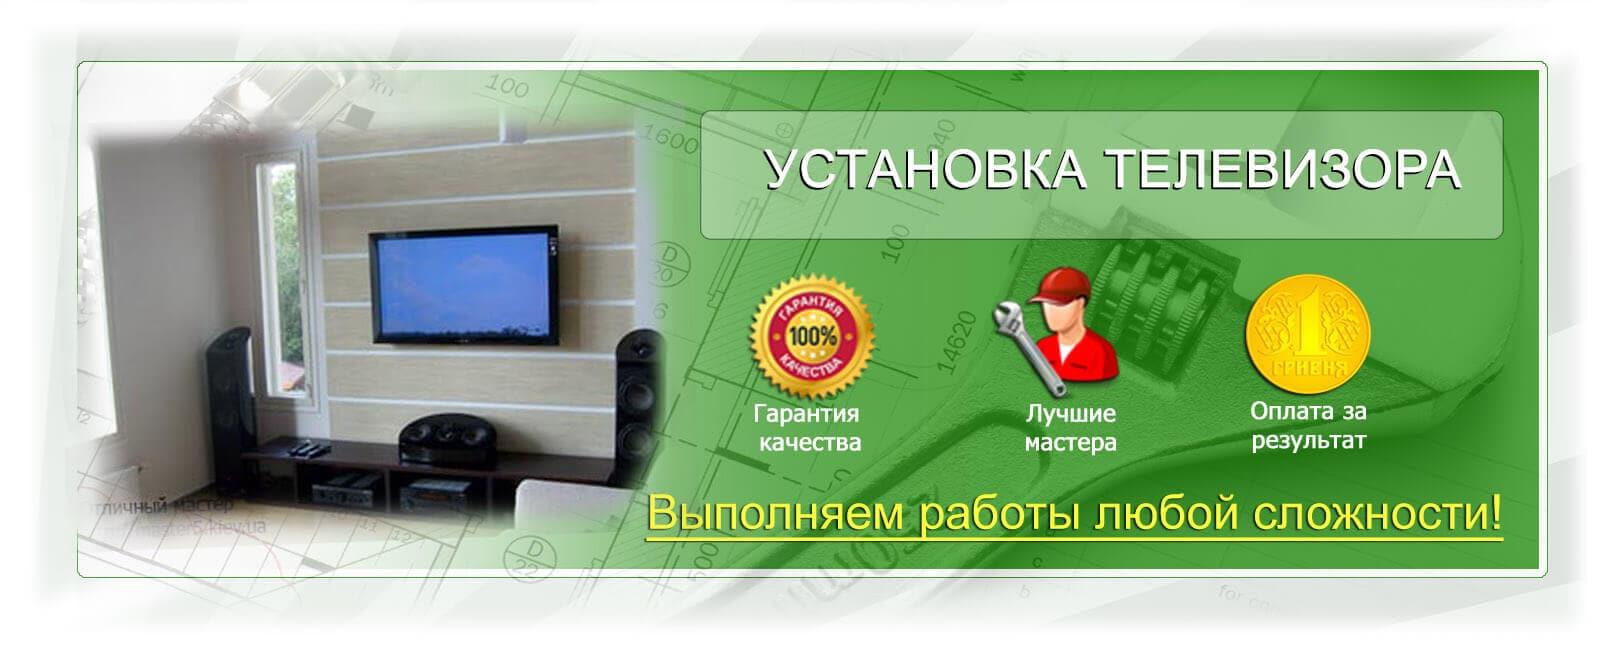 ustanovka-televizora